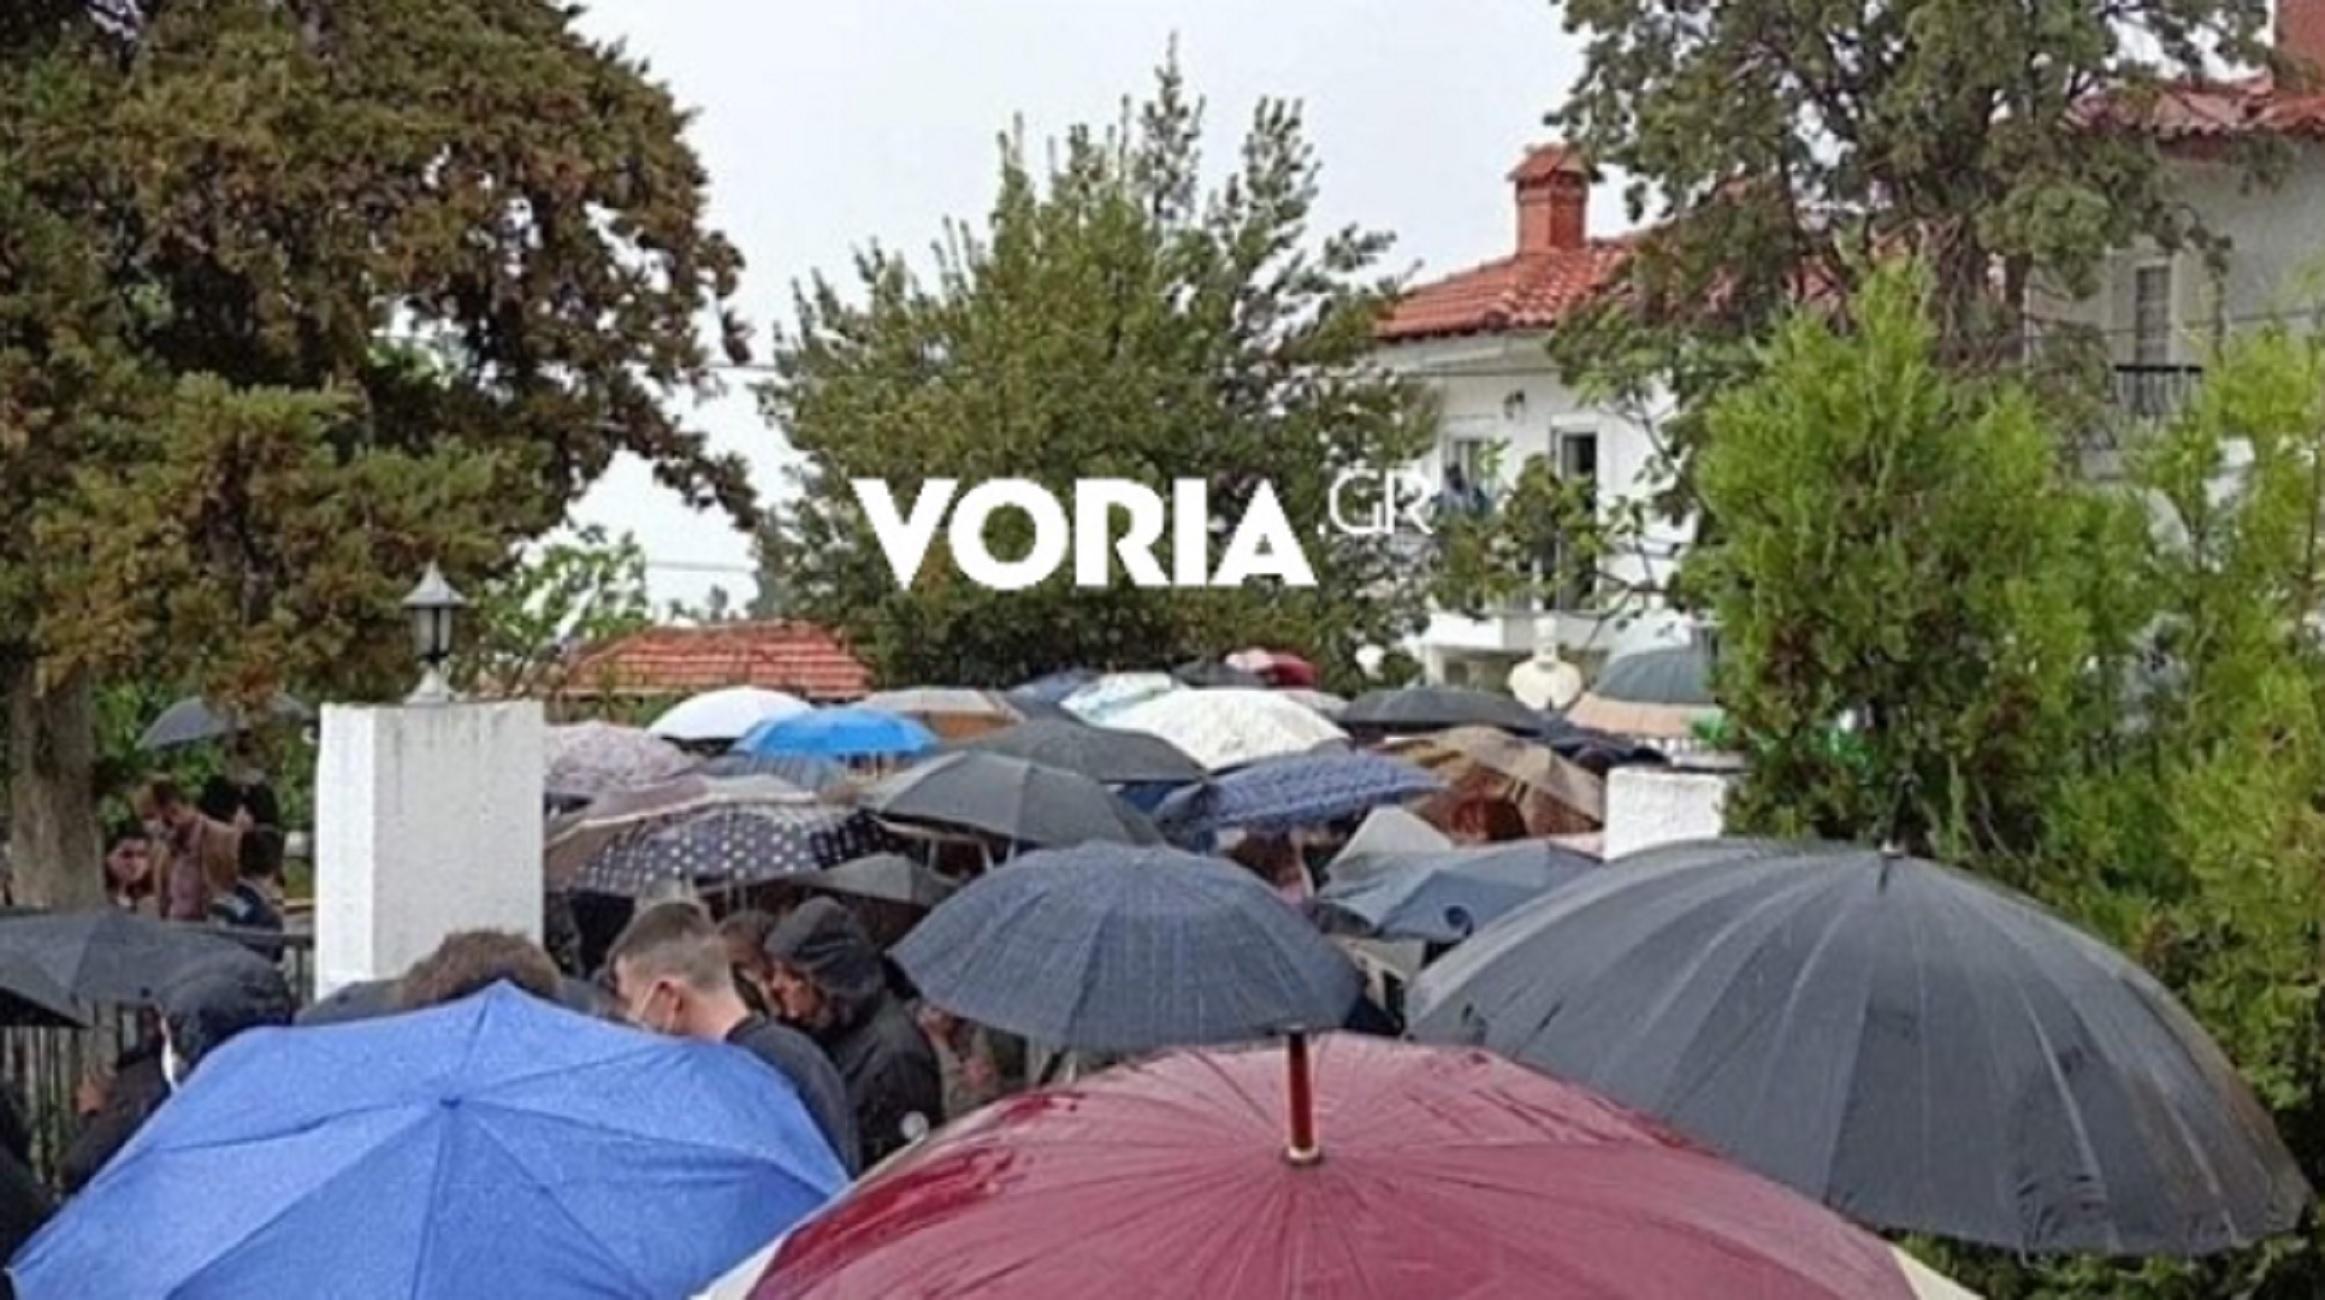 Θεσσαλονίκη: Κοσμοσυρροή σε κηδεία ιερέα που πέθανε από κορονοϊό – Ούτε η βροχή μείωσε την προσέλευση (video)